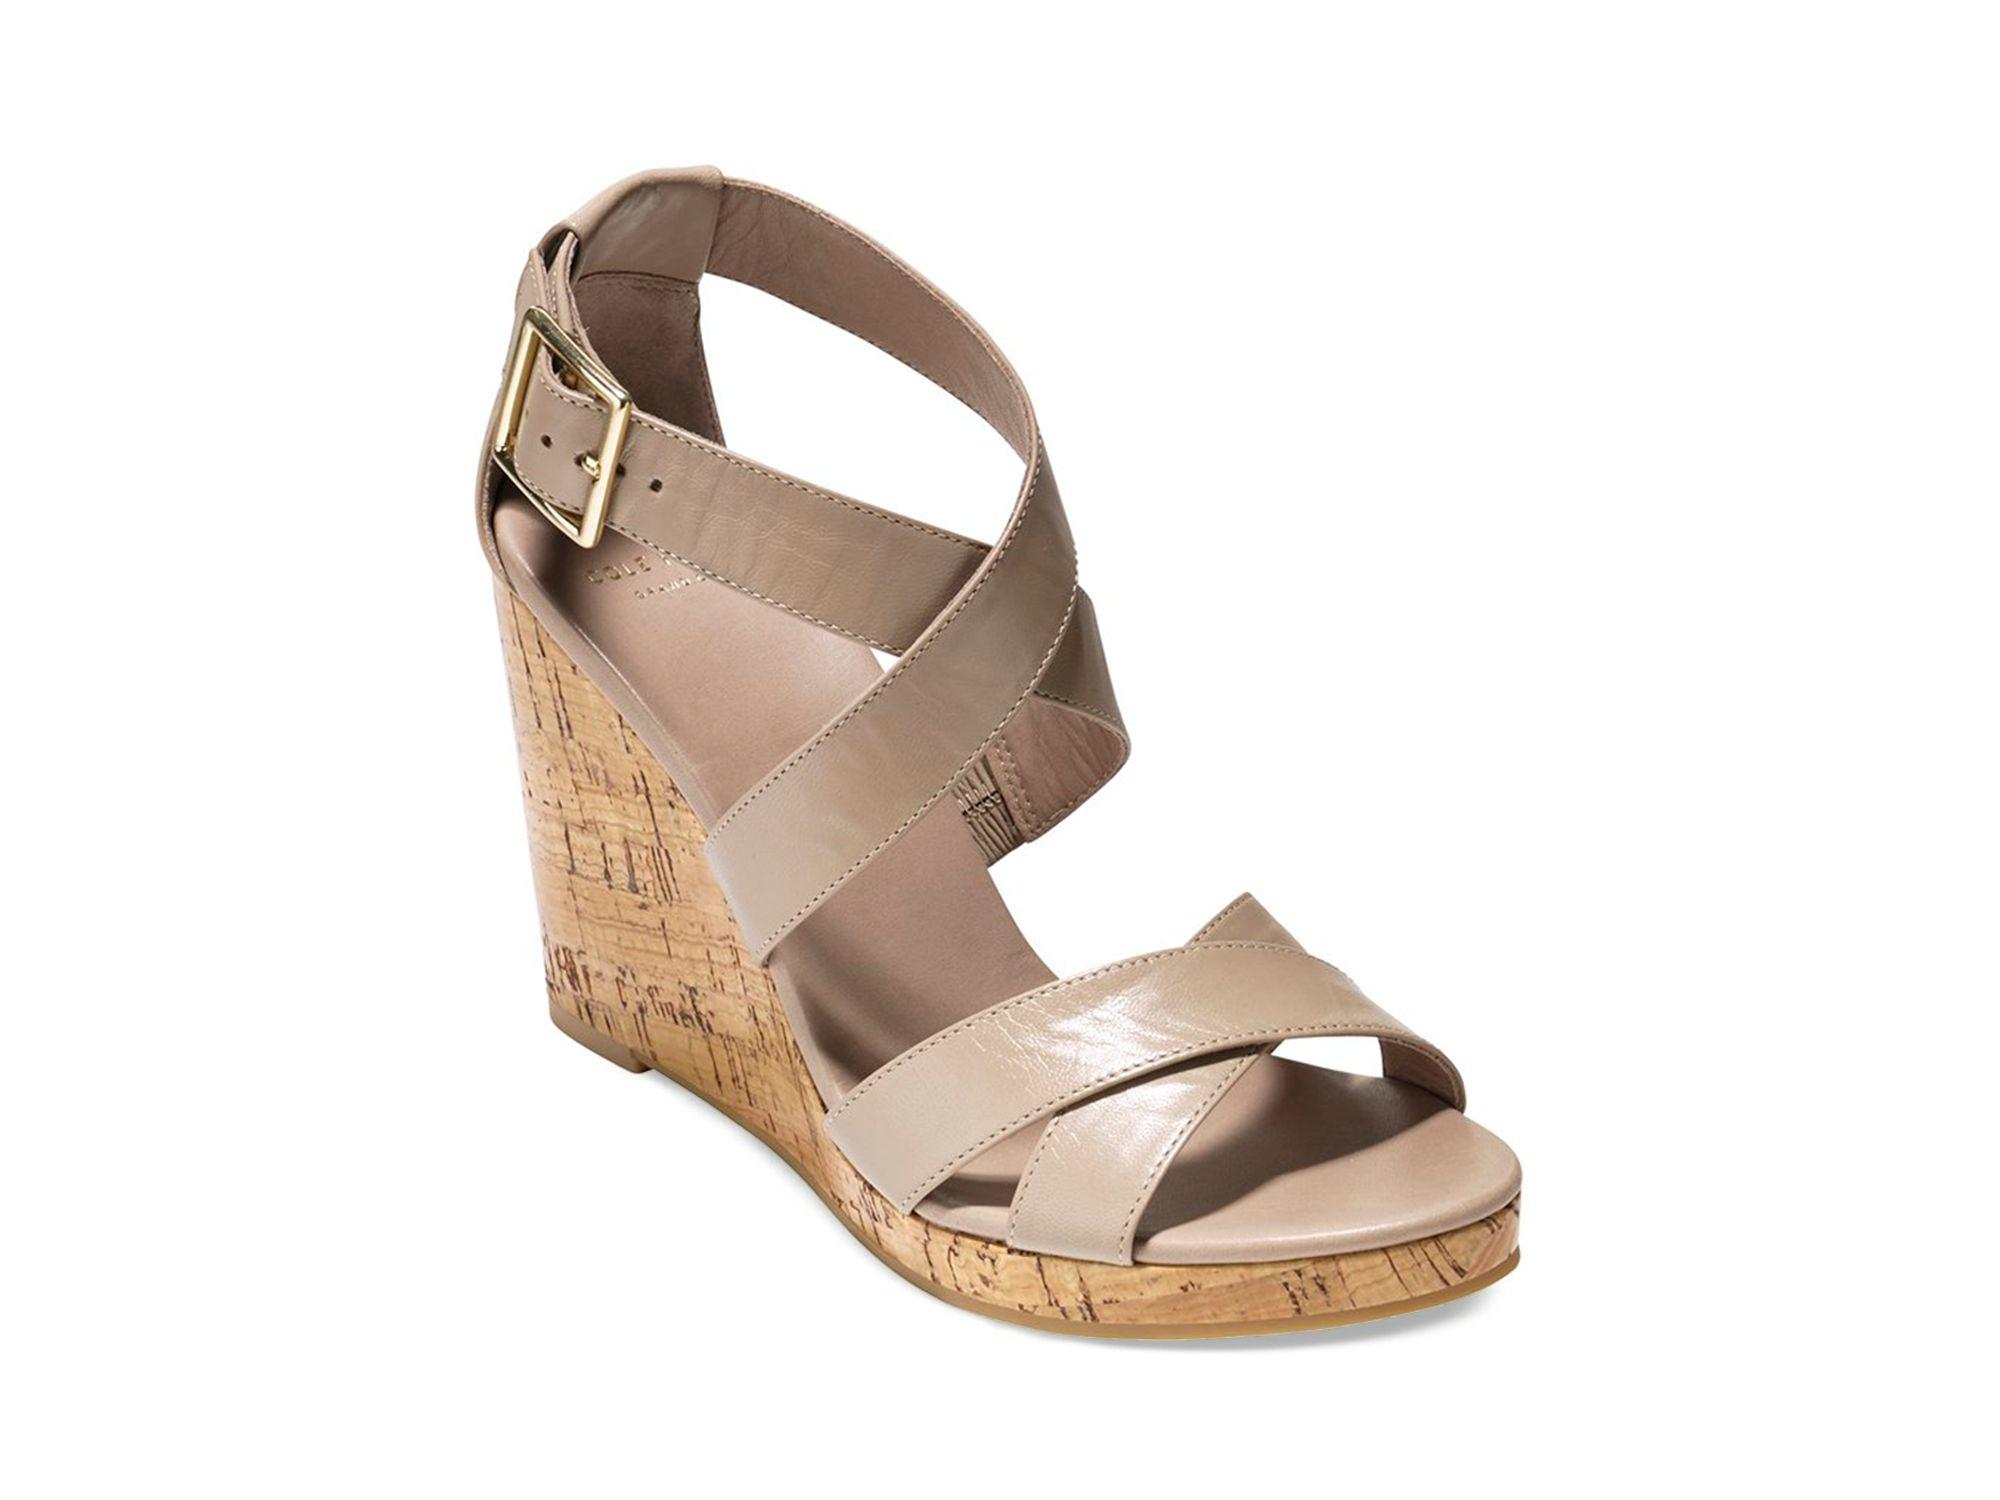 Cole Haan Wedge Sandals - Jillian in